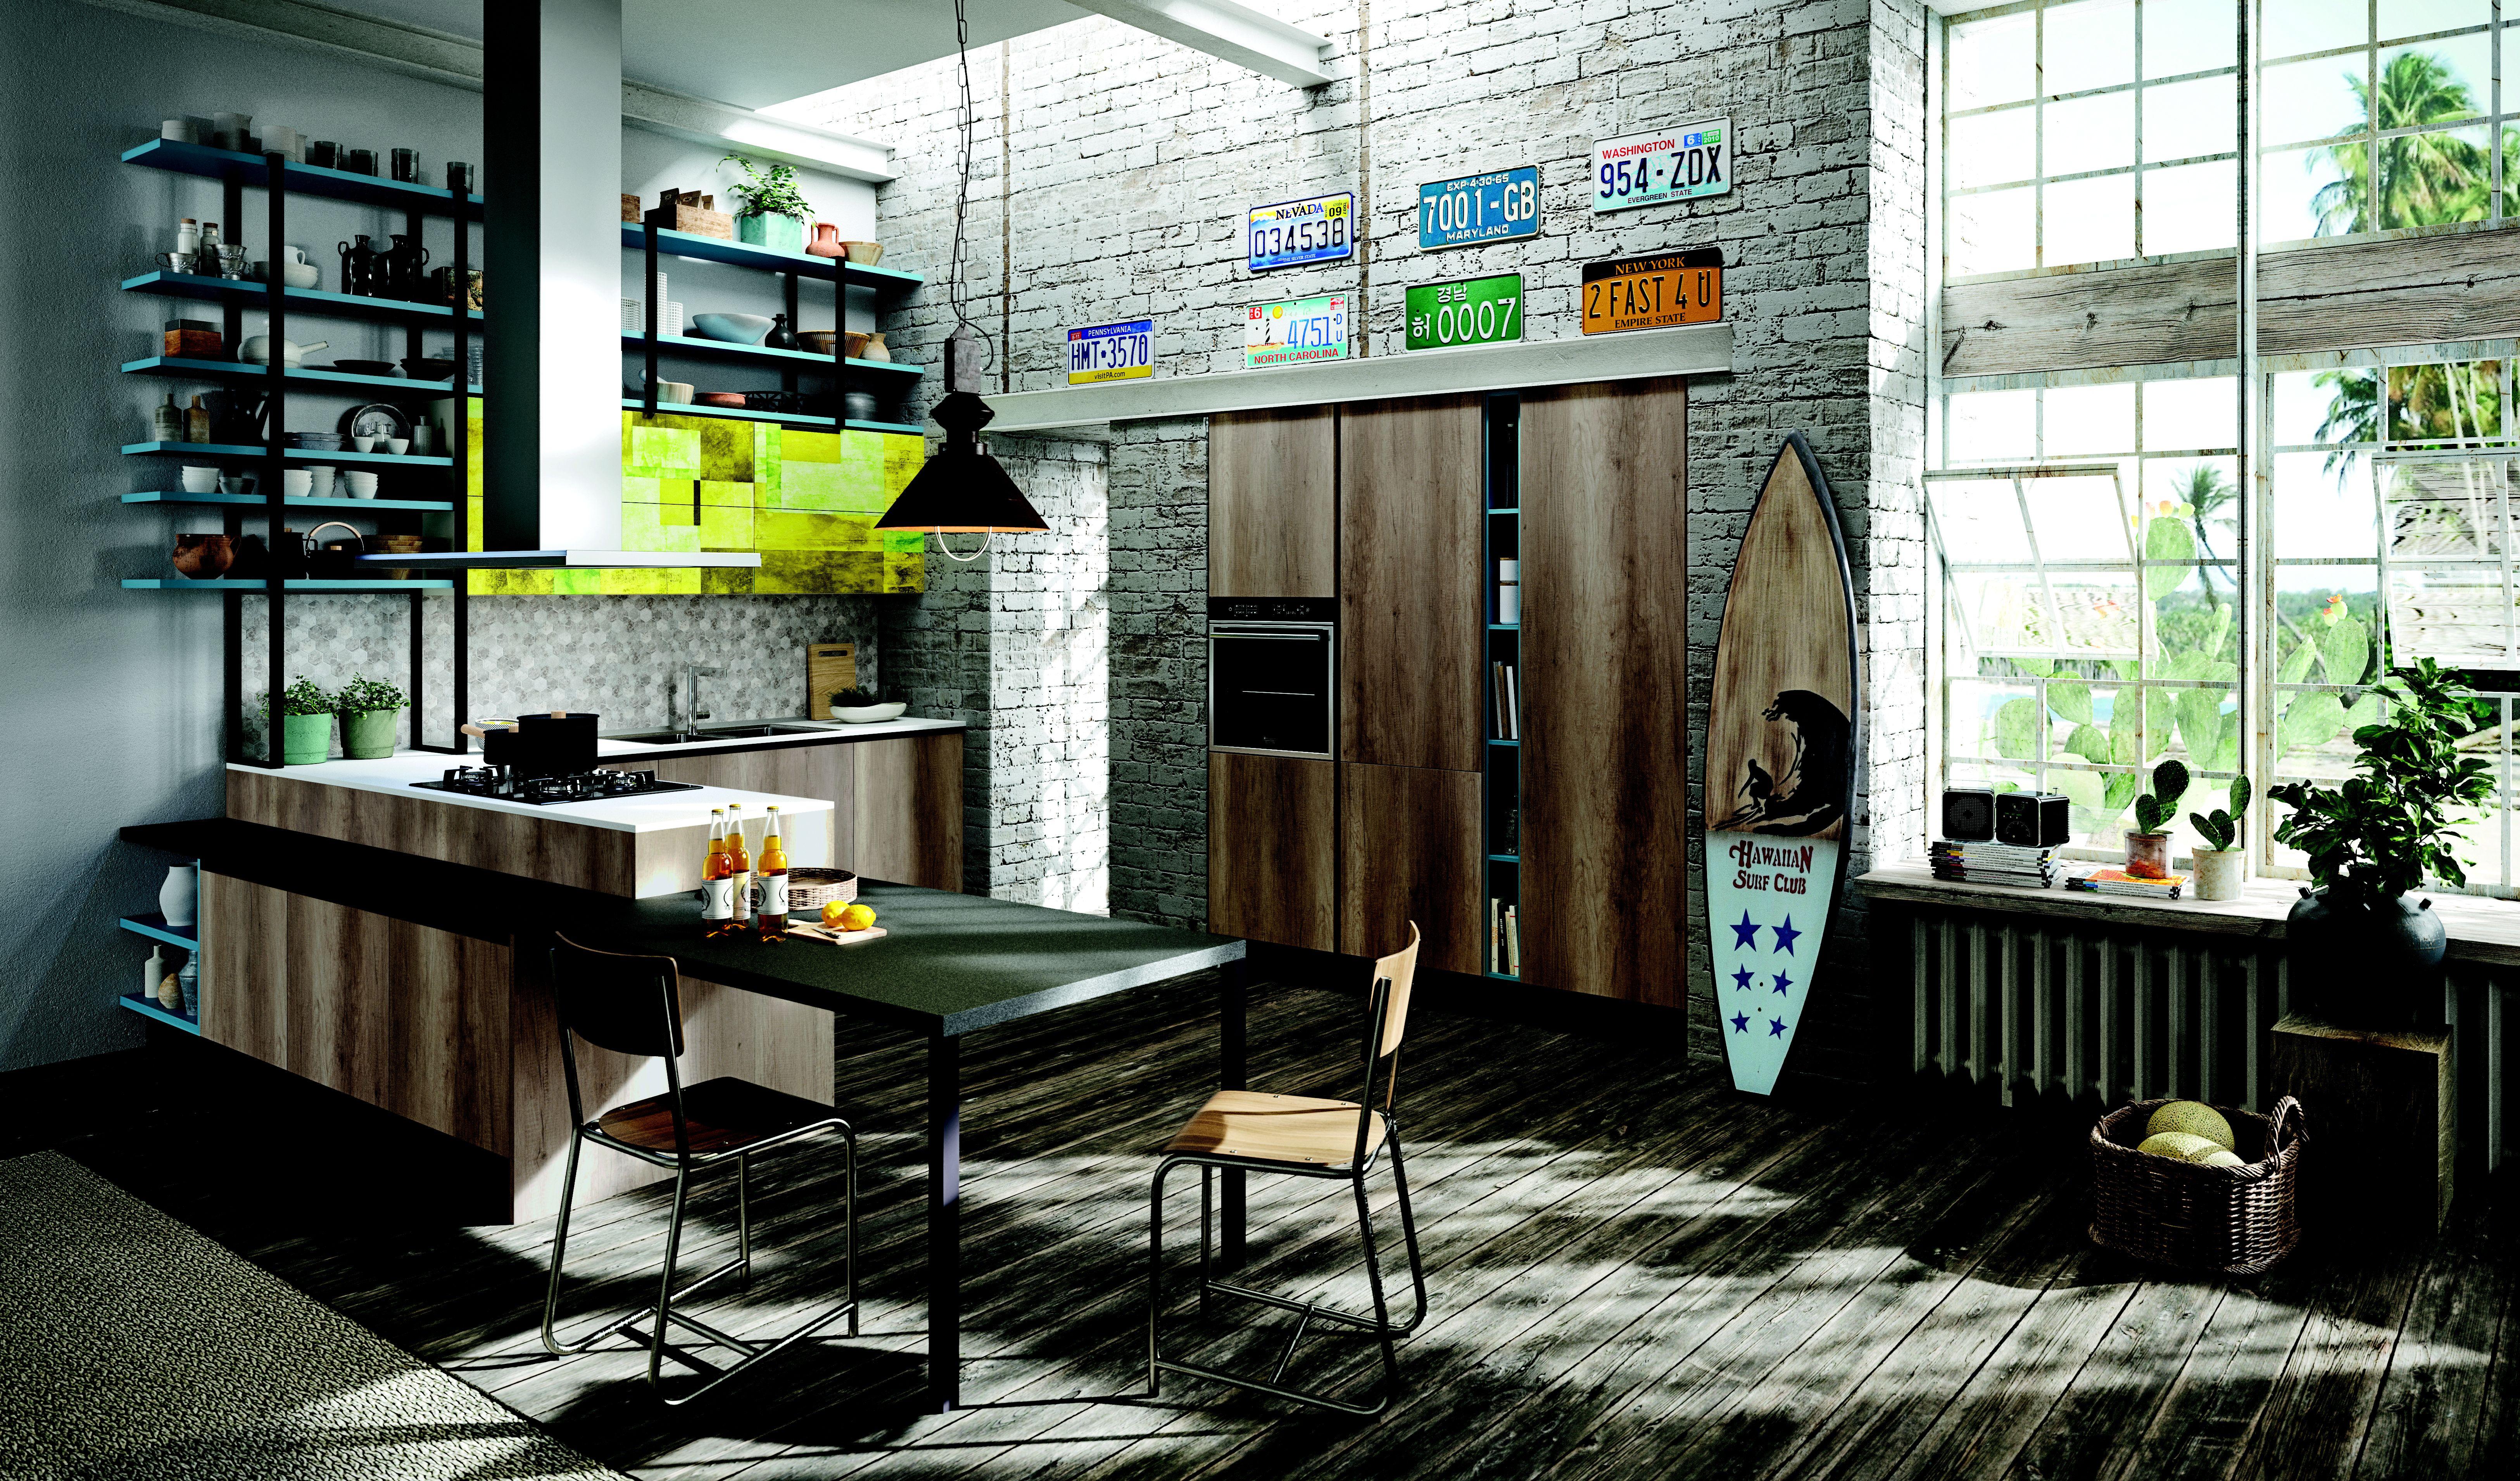 Modelo Mia: Productos y Servicios de Nexo Cocinas